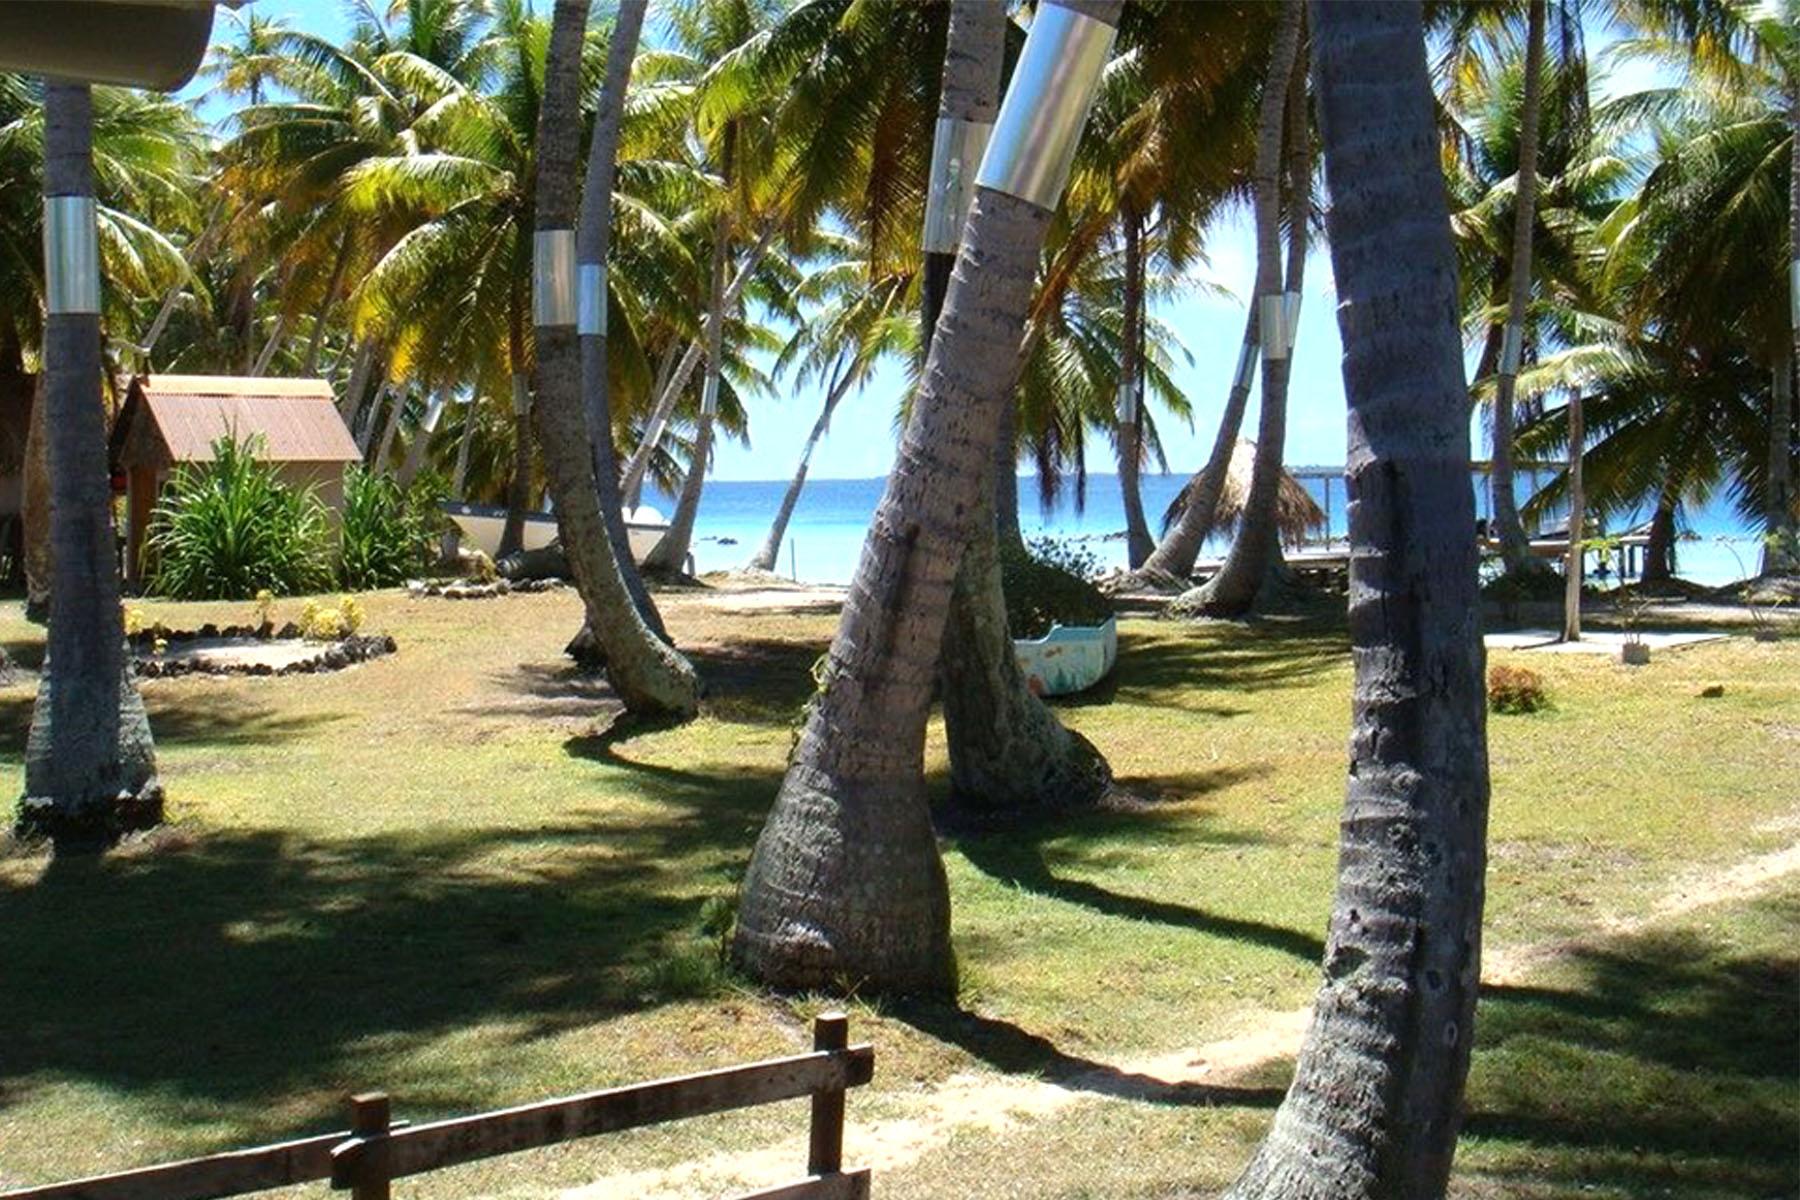 Private Island for Sale at Marakorako private Island in Manihi French Polynesia